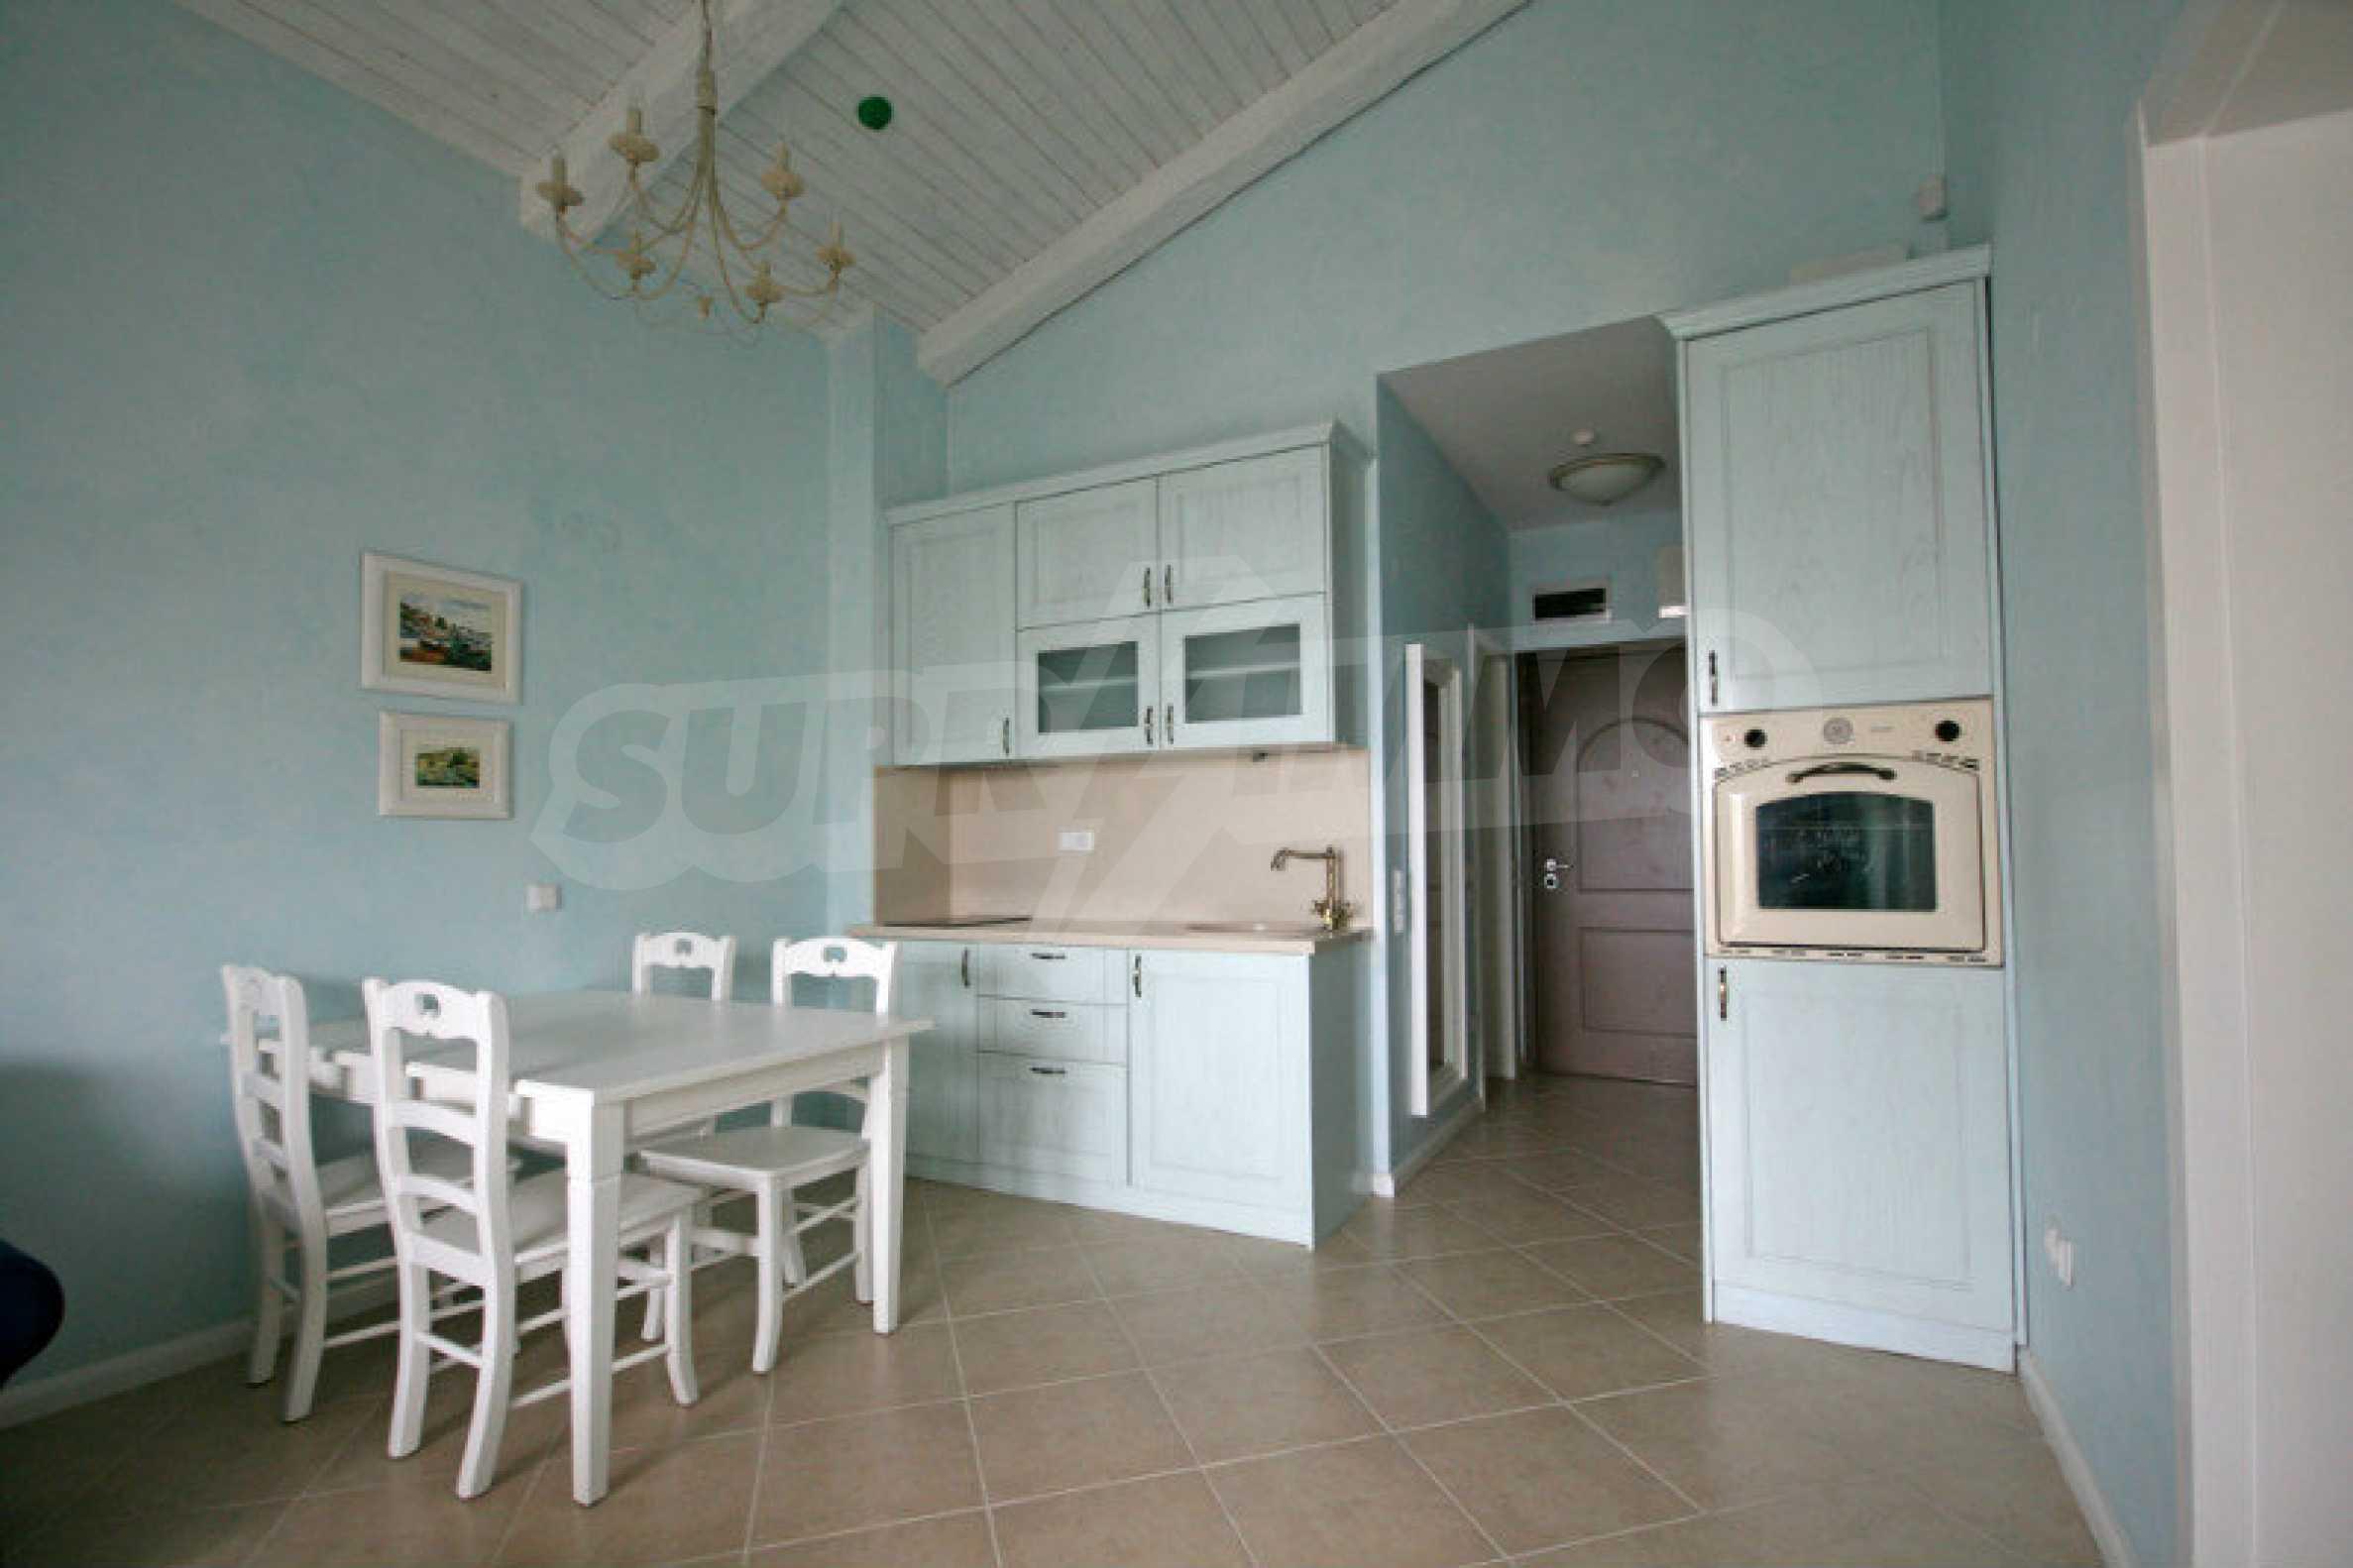 Apartment mit zwei Schlafzimmern und stilvollen Möbeln in einem Komplex in erster Linie 3